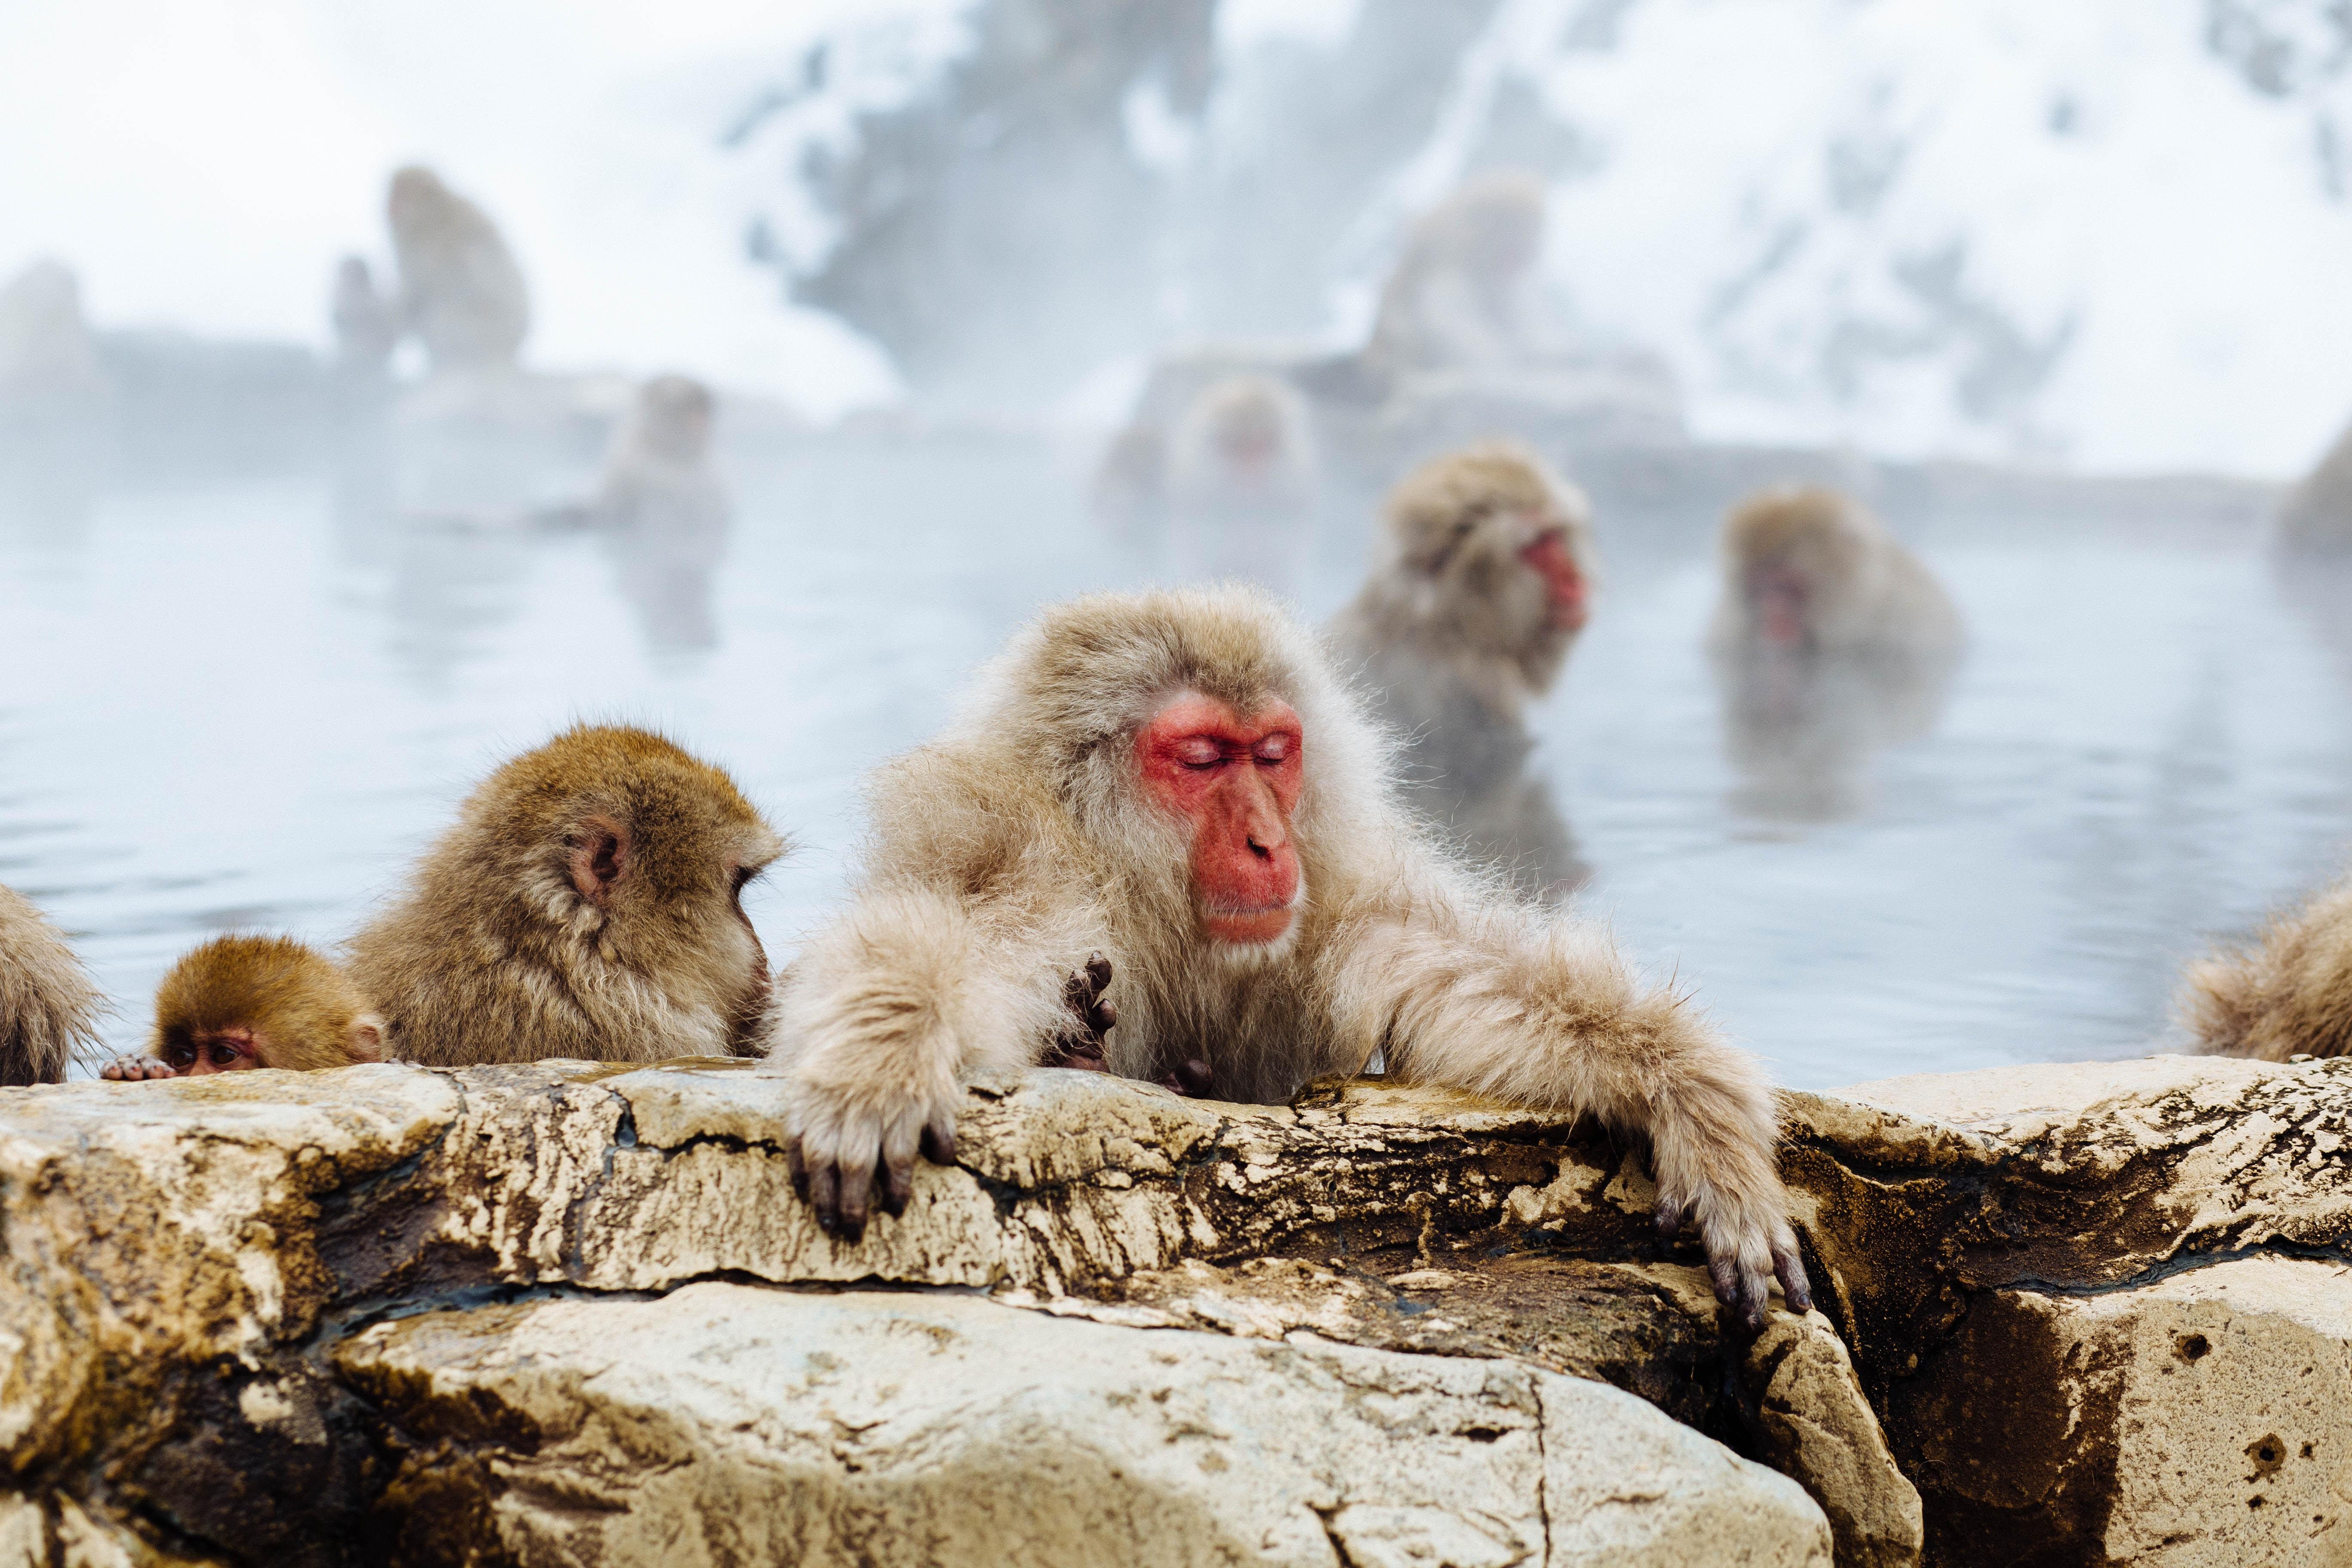 primates soaking in hot spring